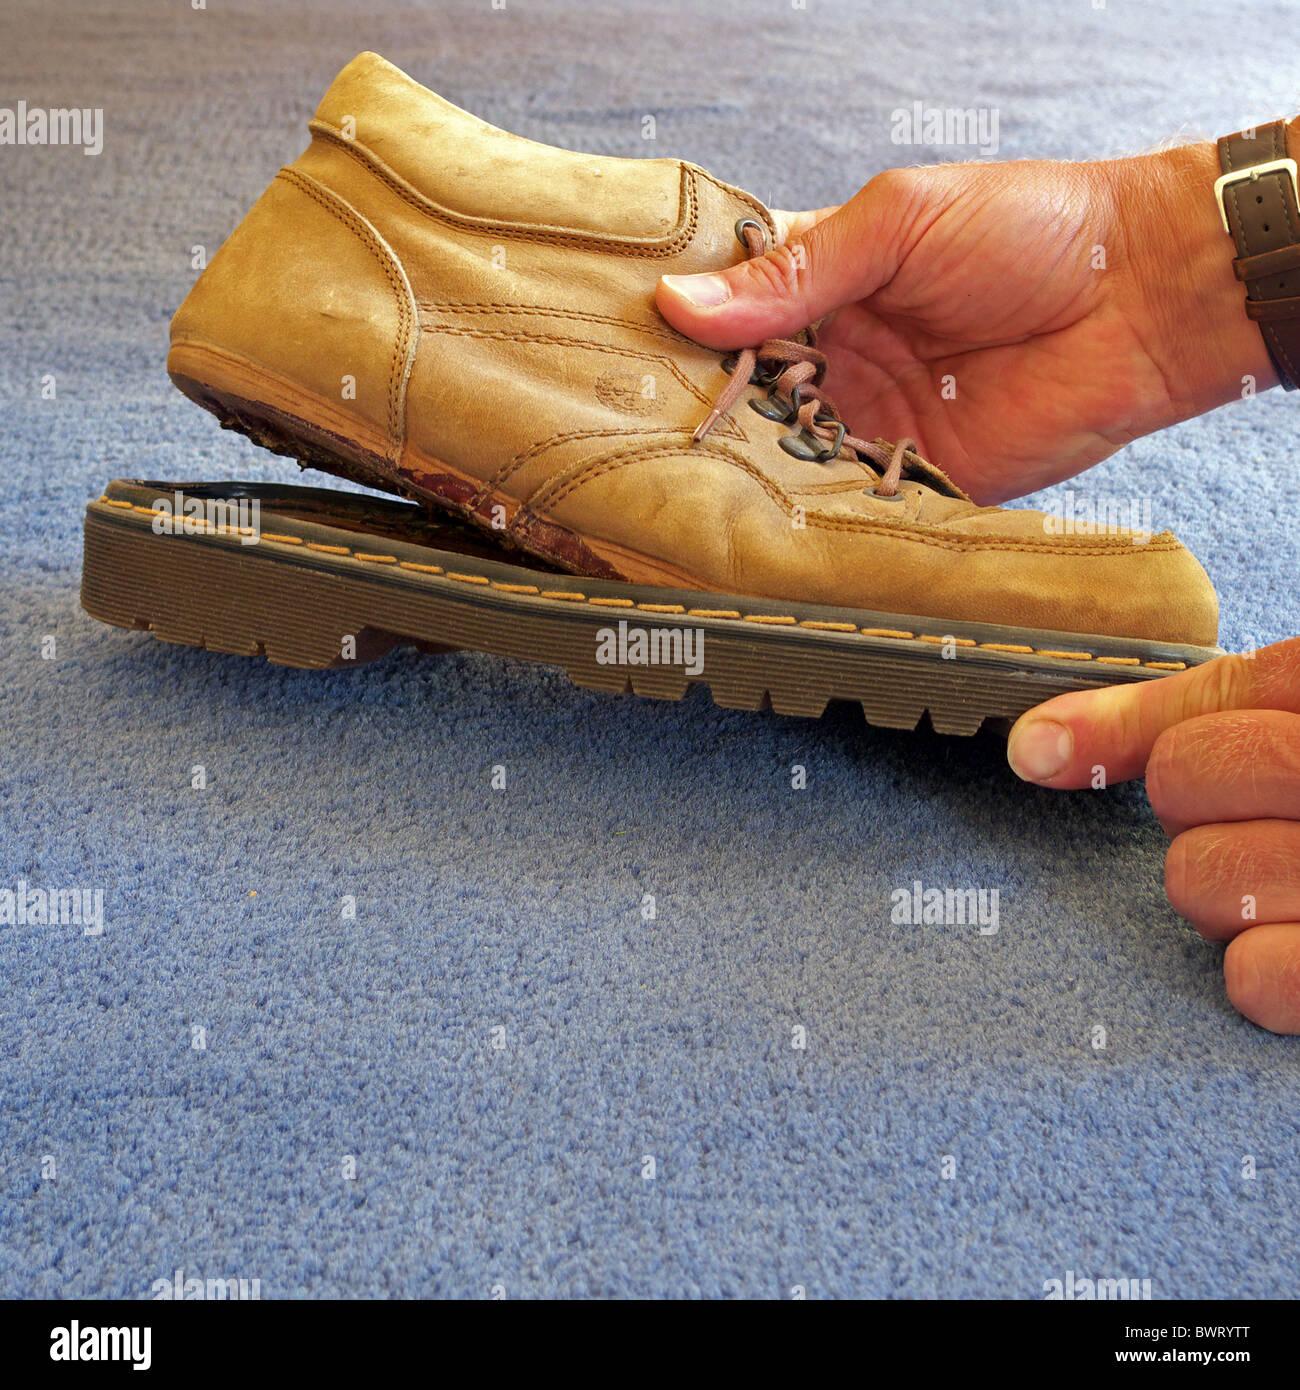 Herren Wildleder Schuh mit der Ferse kommenden Weg, UK Modell veröffentlicht Stockbild